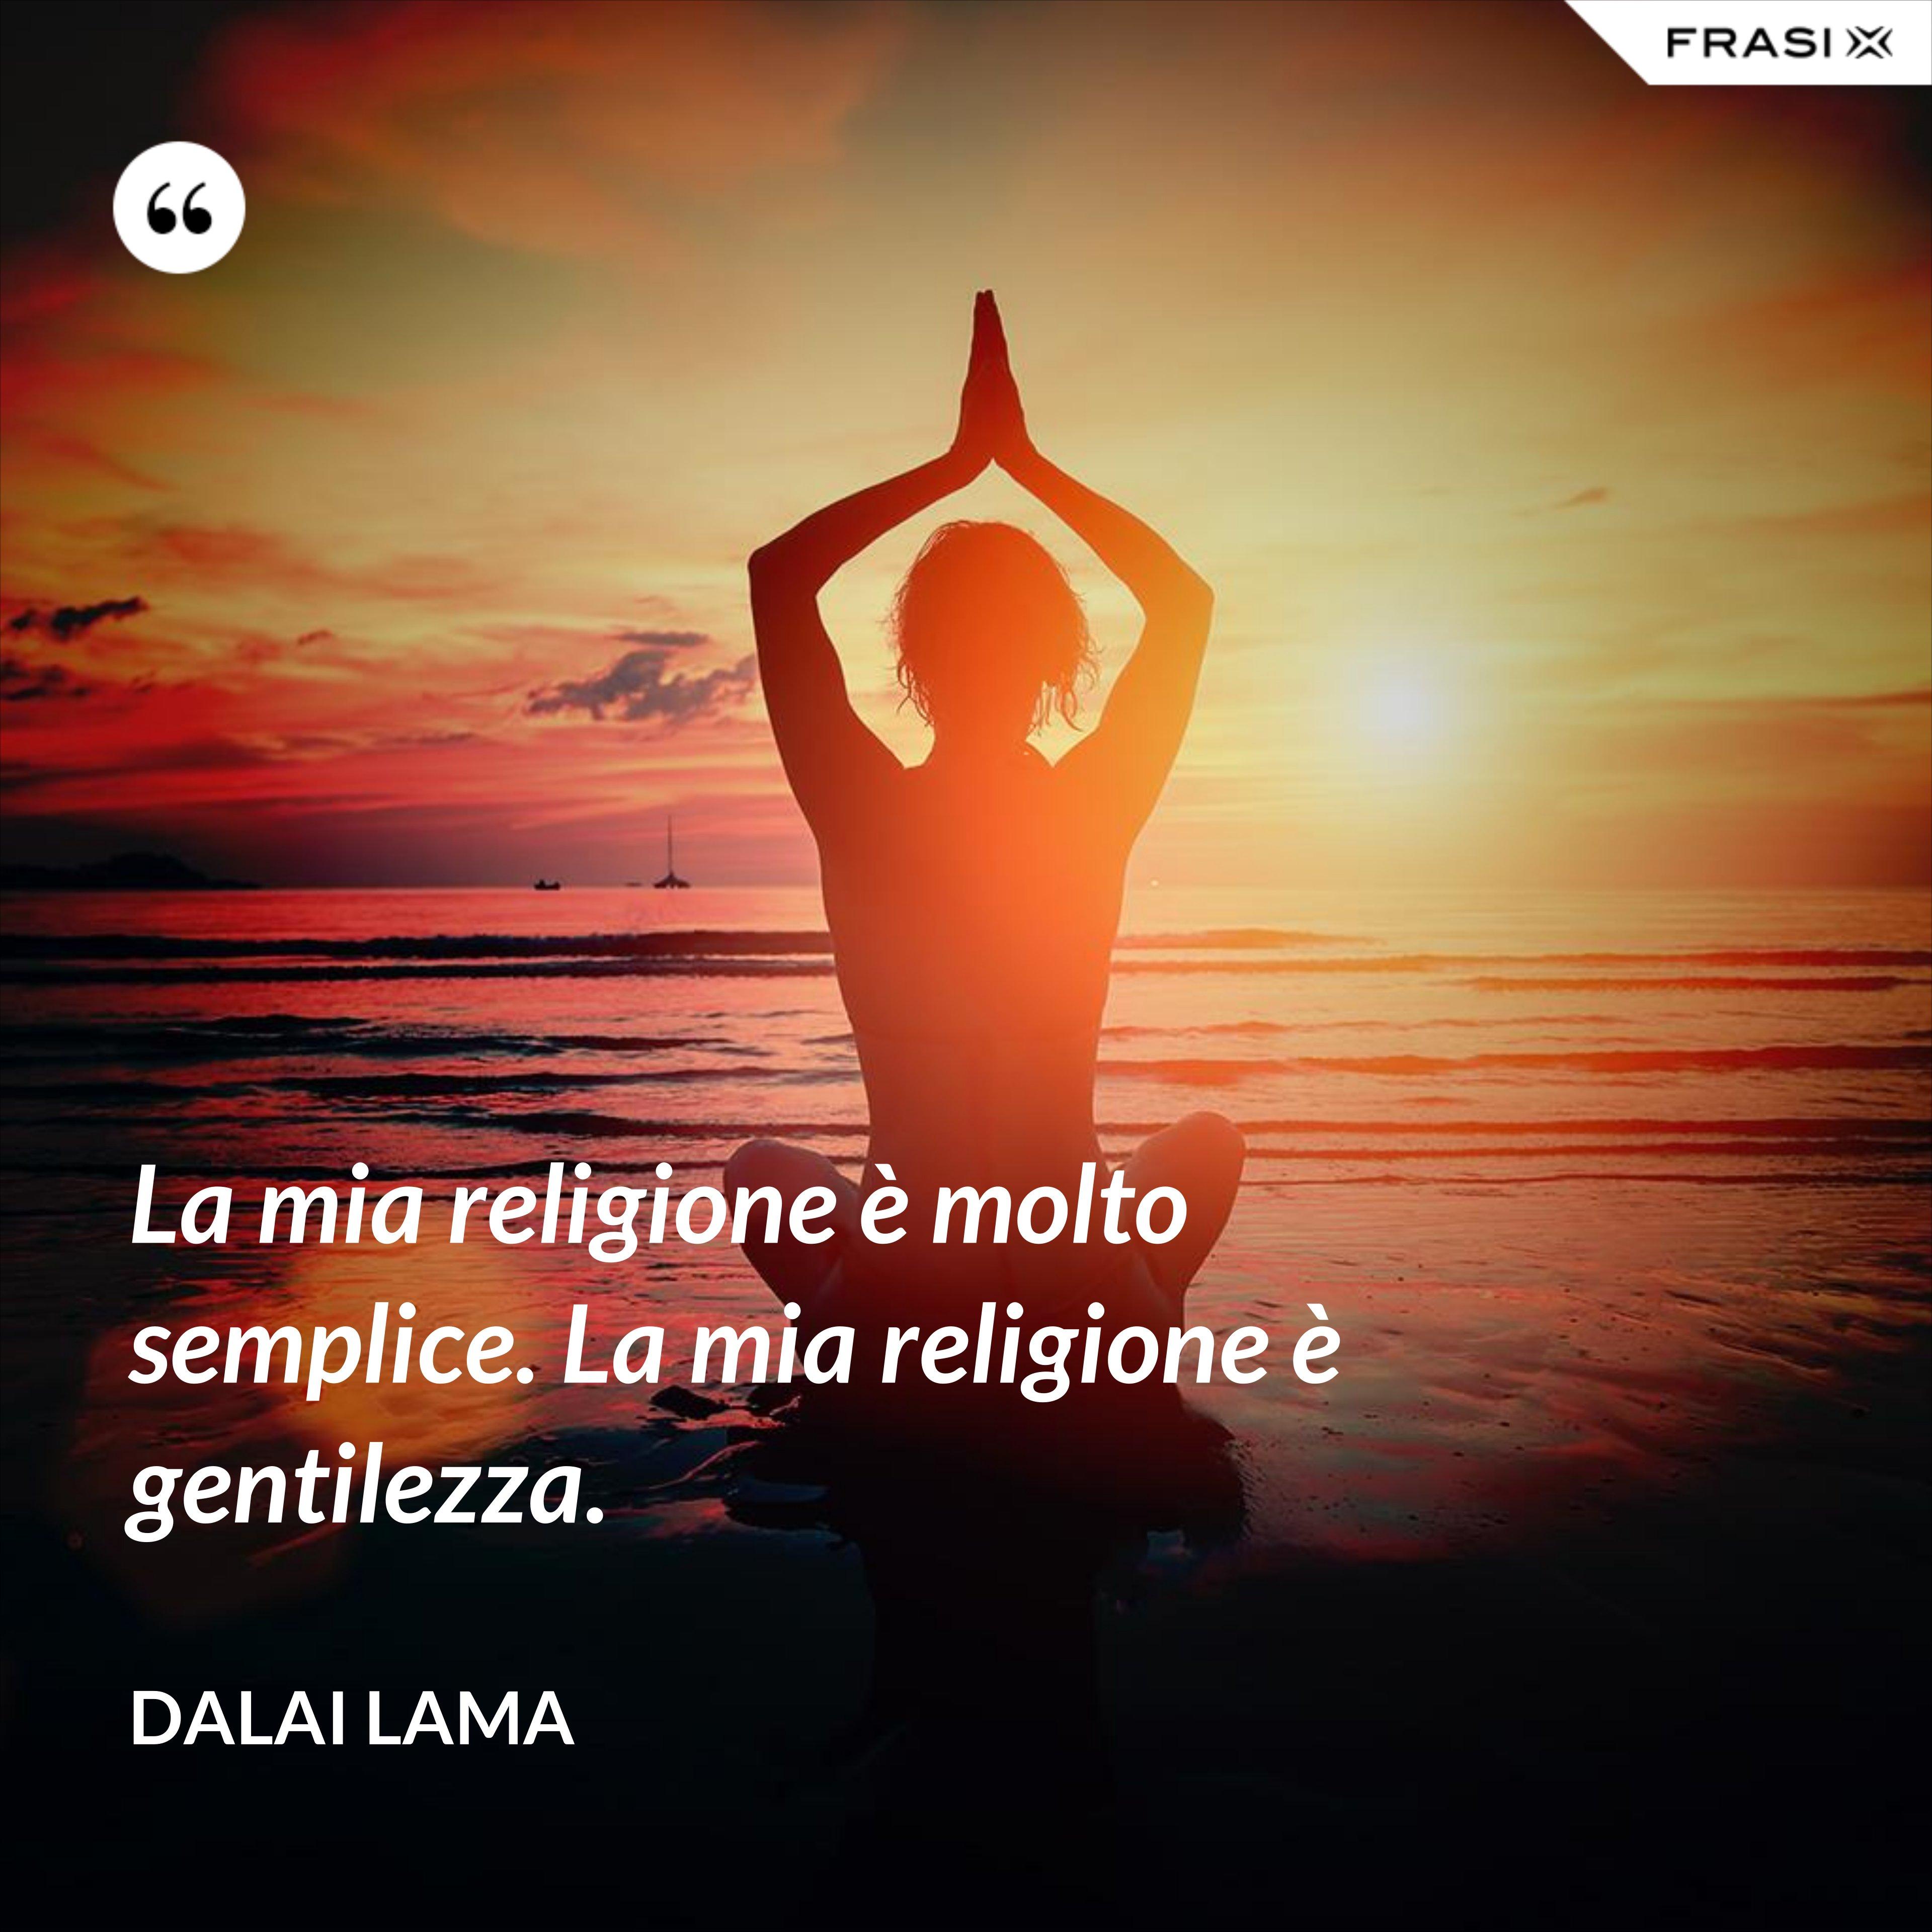 La mia religione è molto semplice. La mia religione è gentilezza. - Dalai Lama